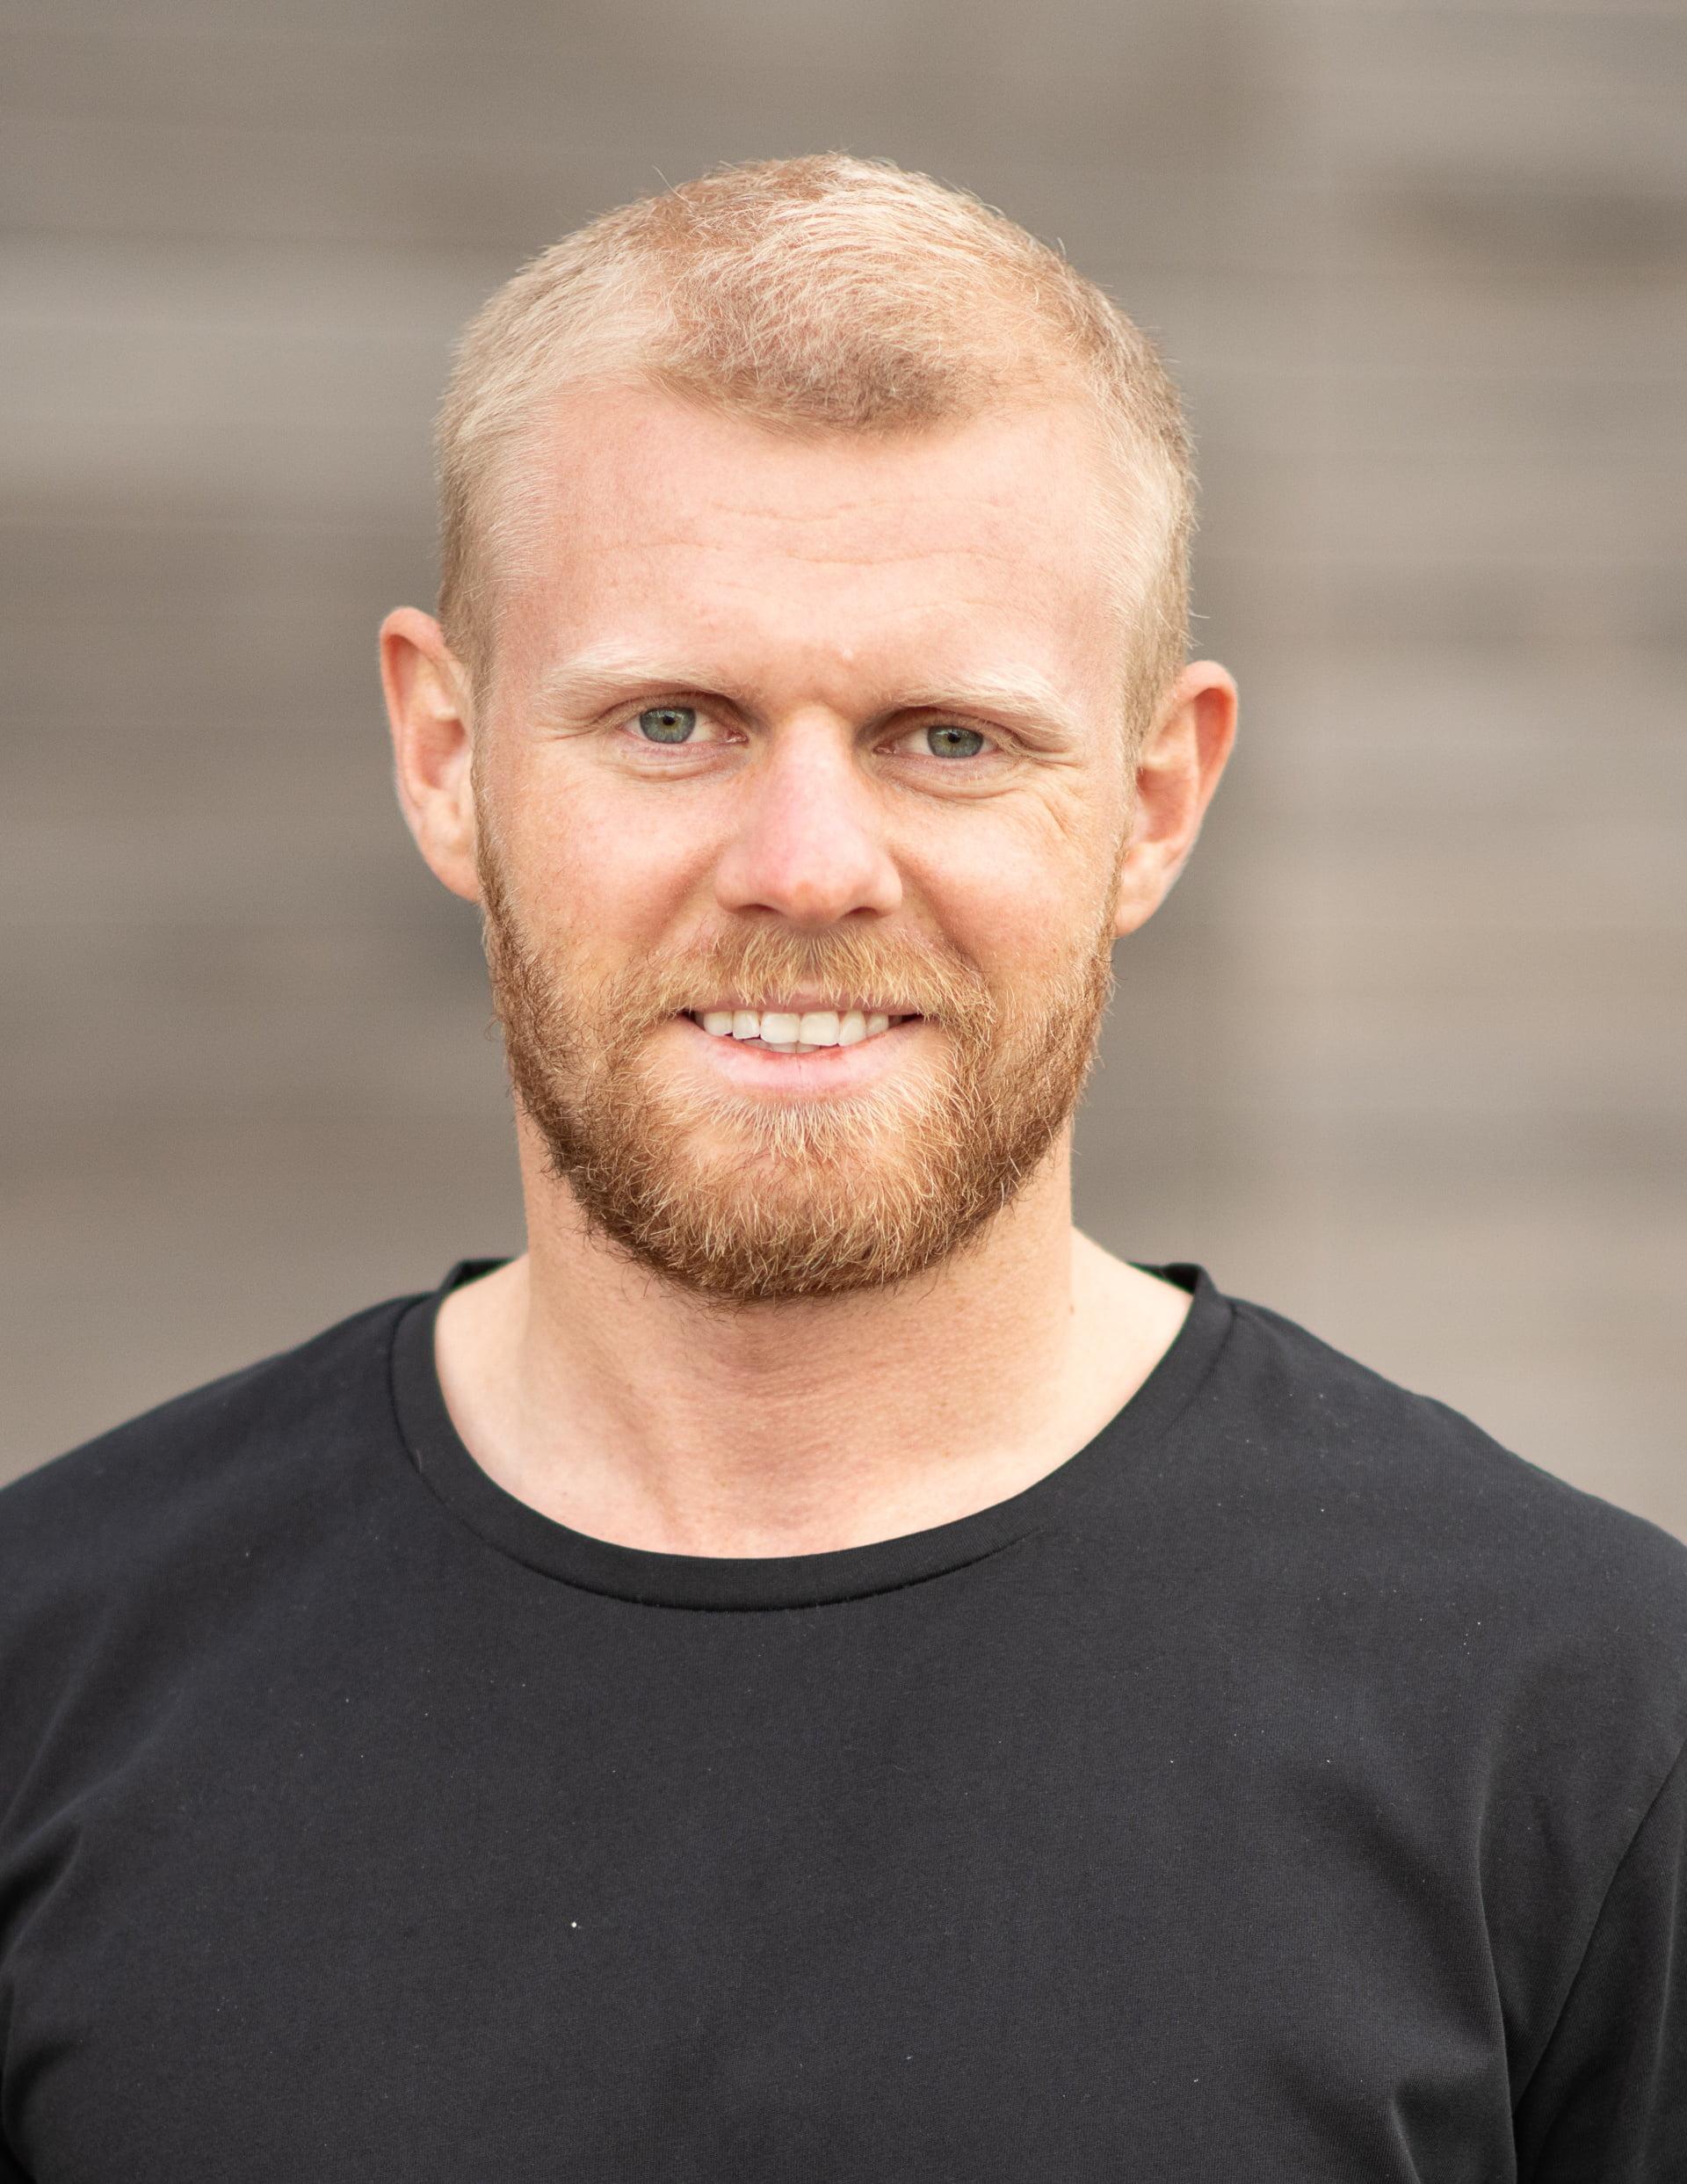 Fredrik Lima